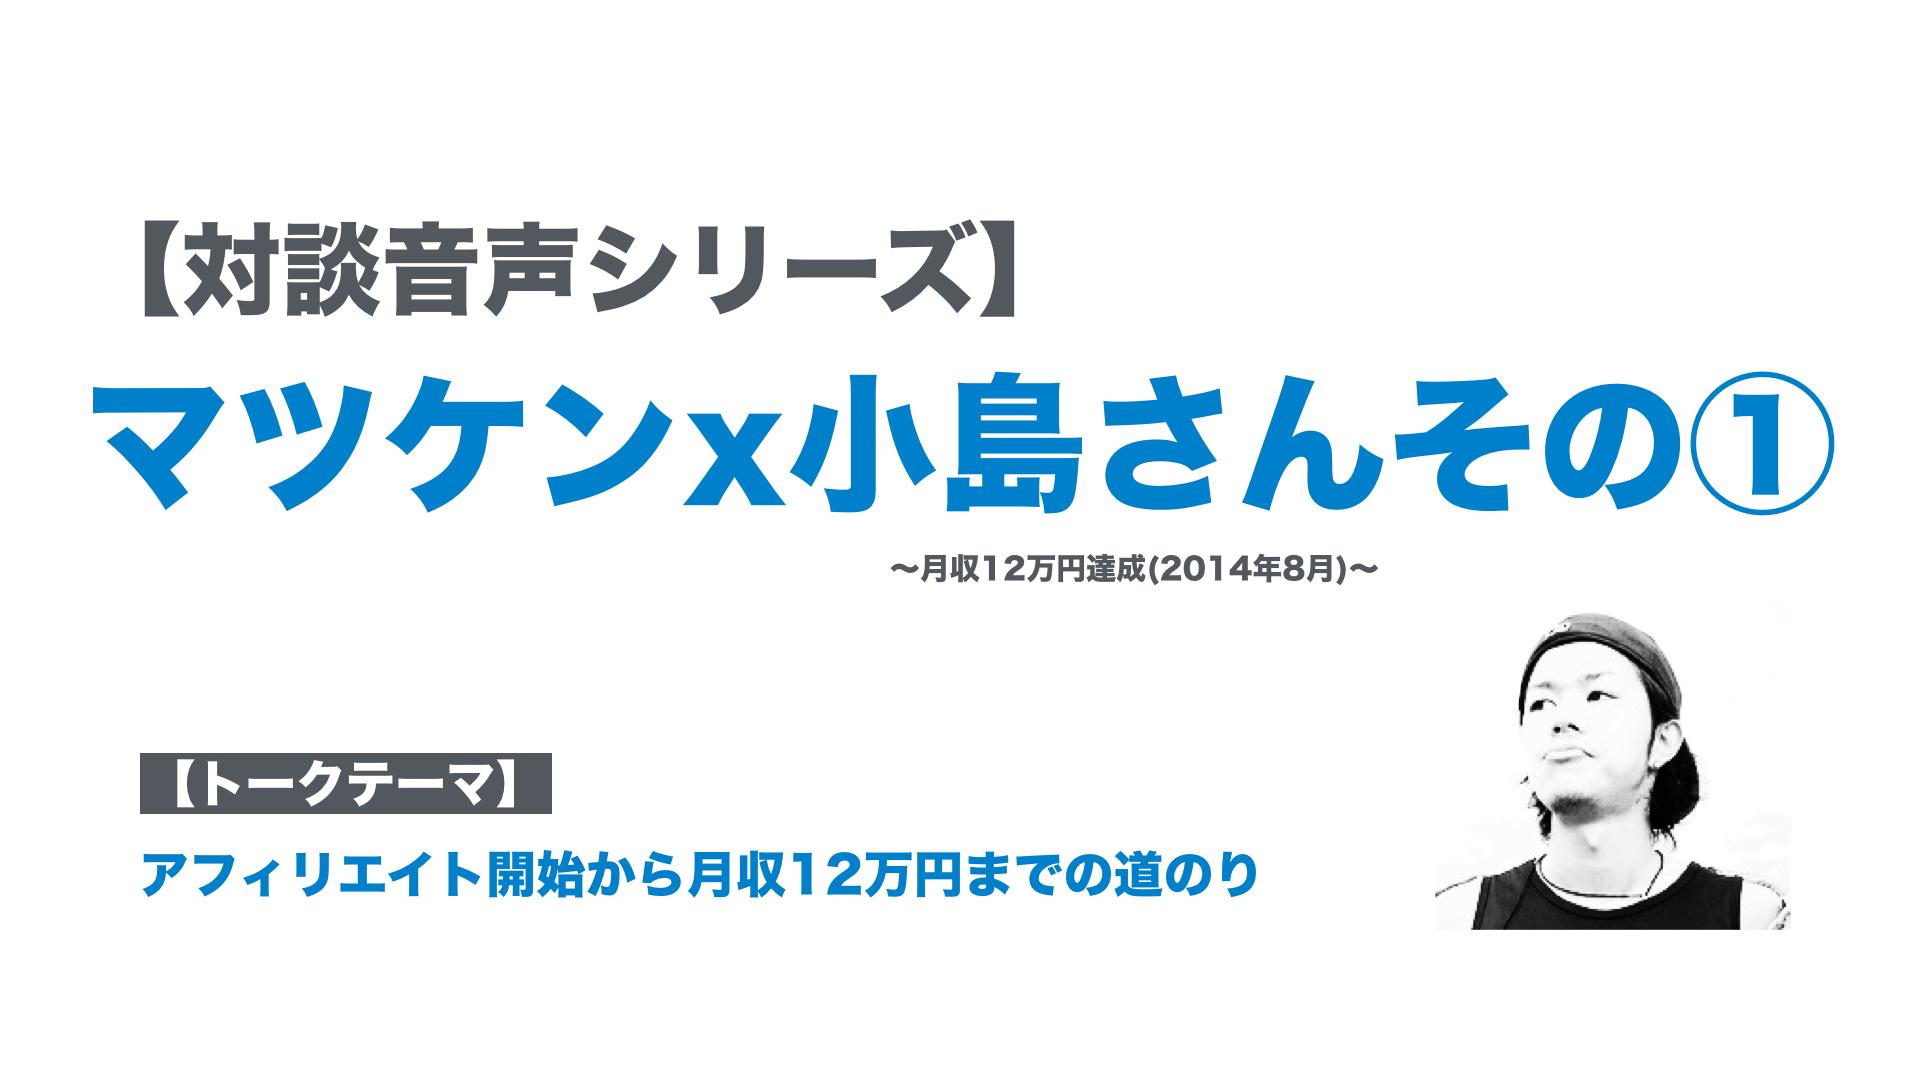 【対談音声シリーズ】月収12万円達成した小島さんと話してみた①